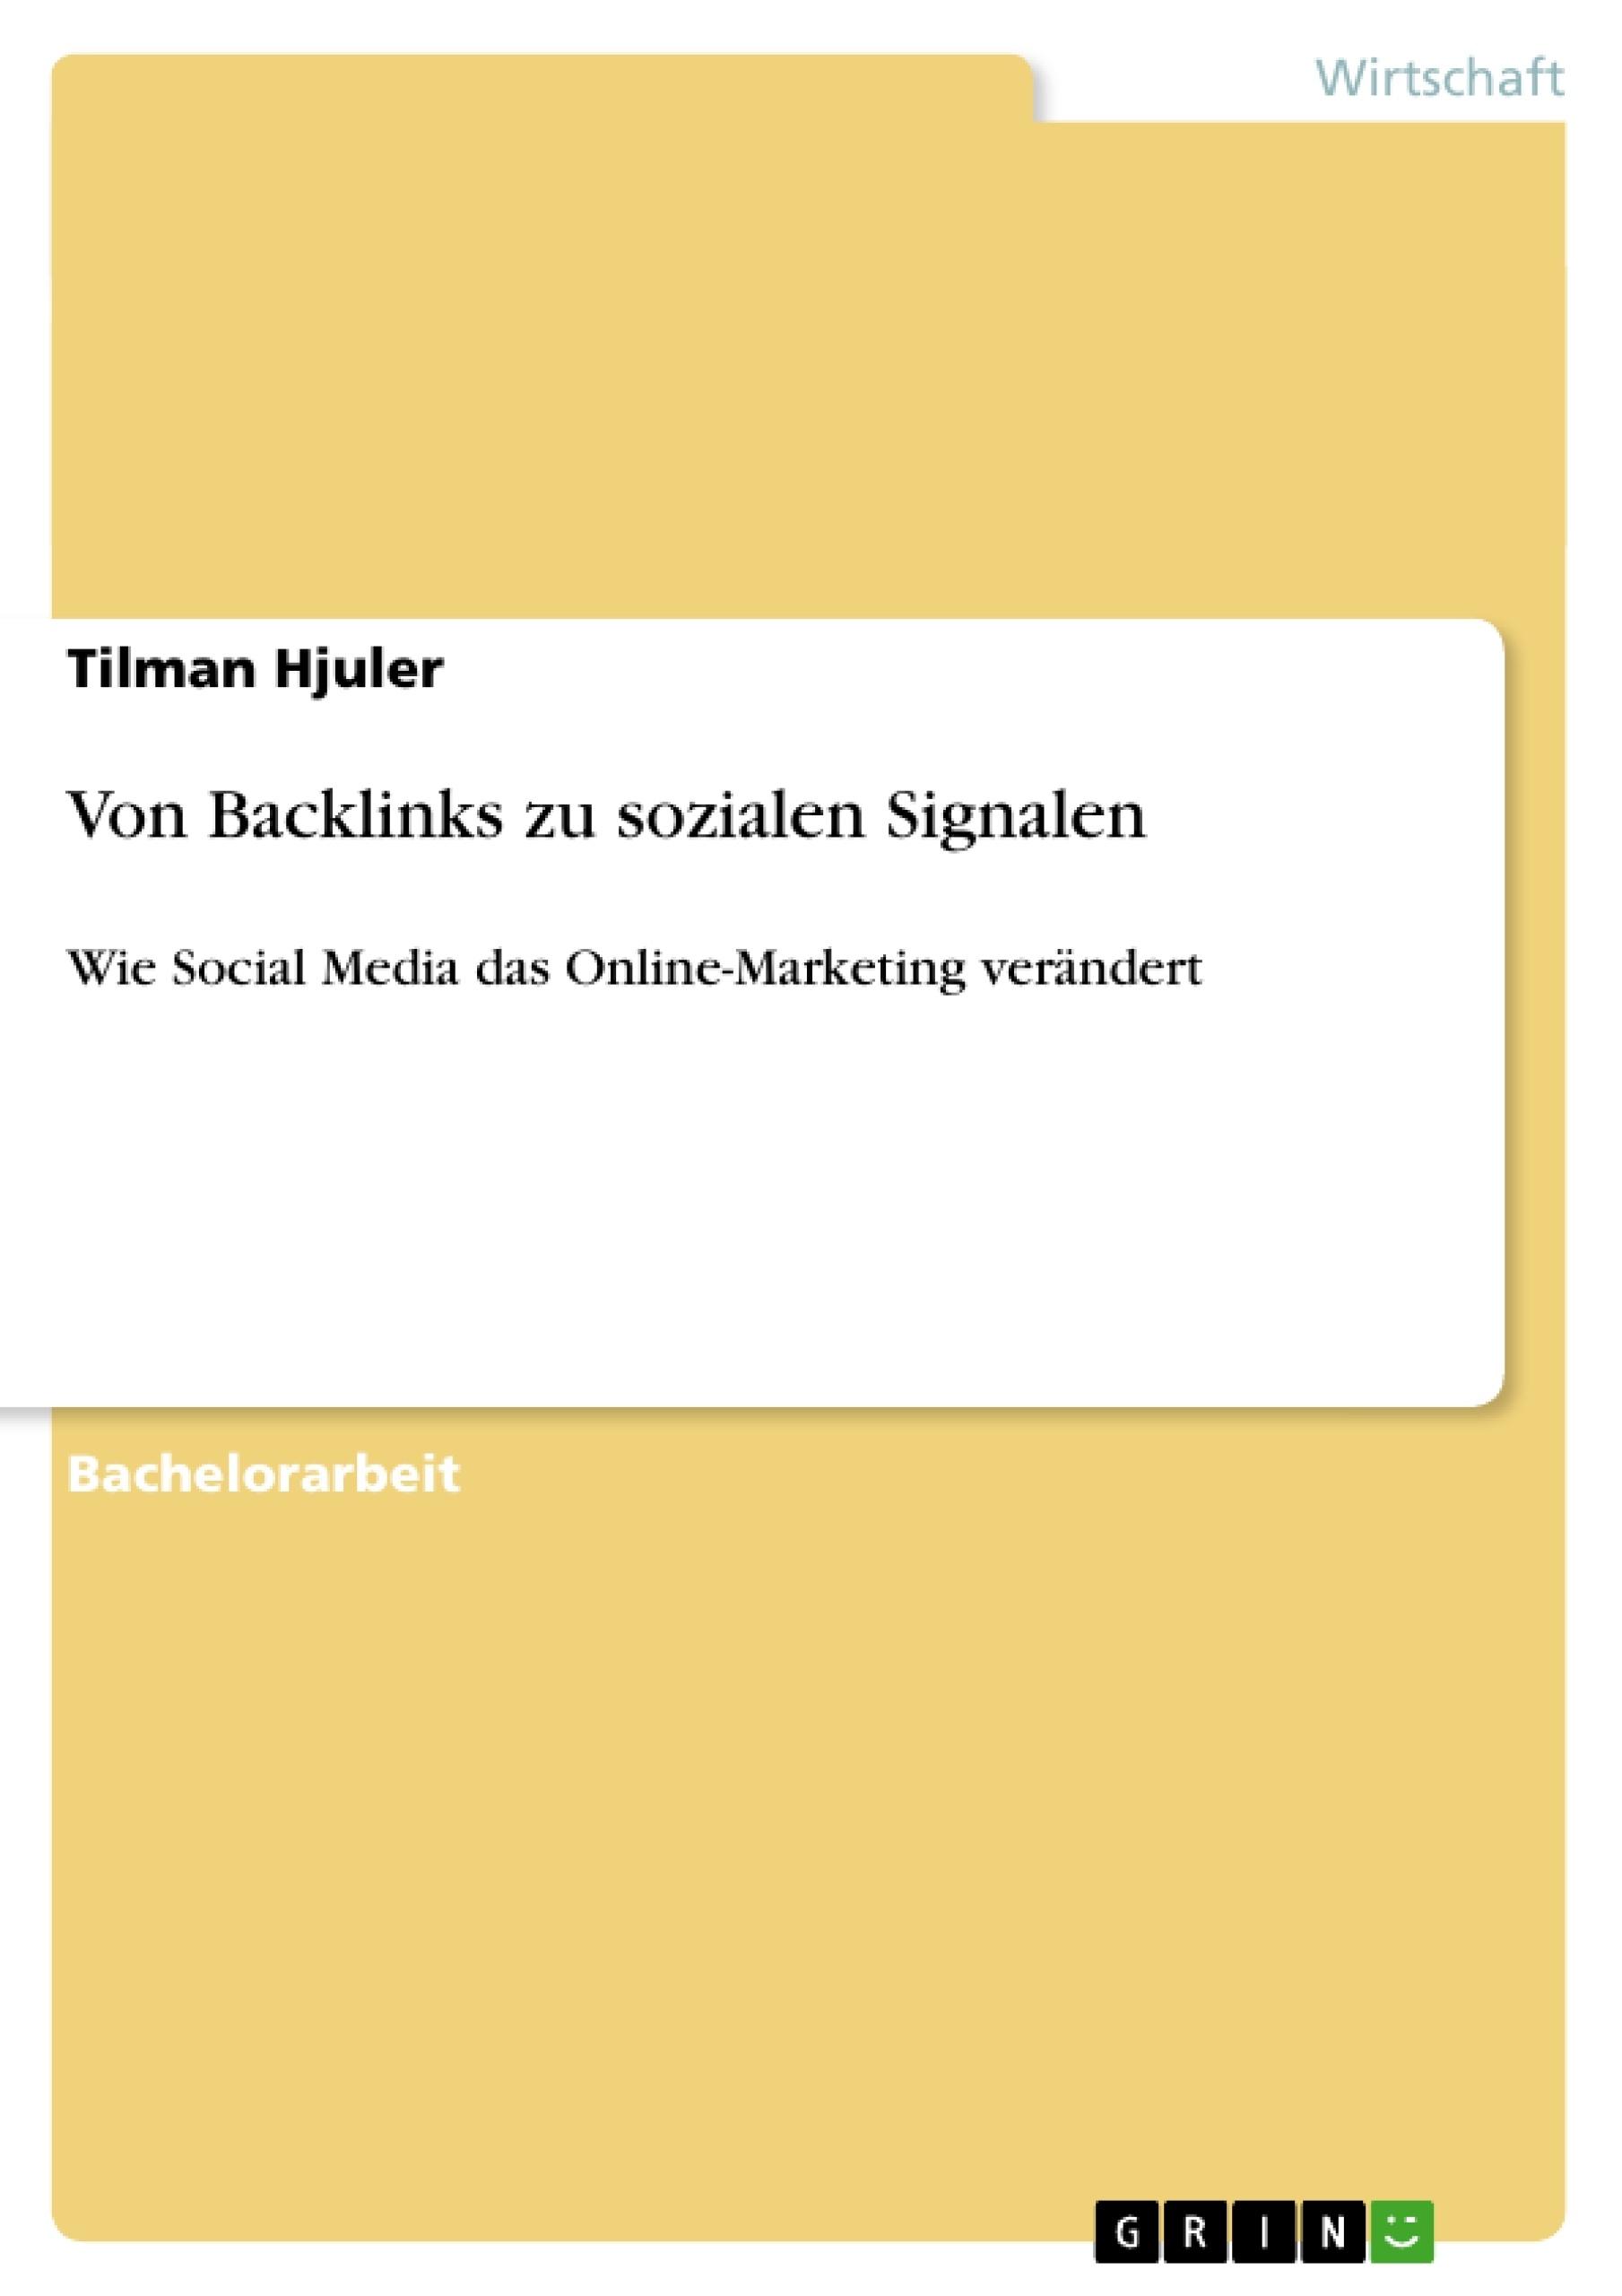 Titel: Von Backlinks zu sozialen Signalen